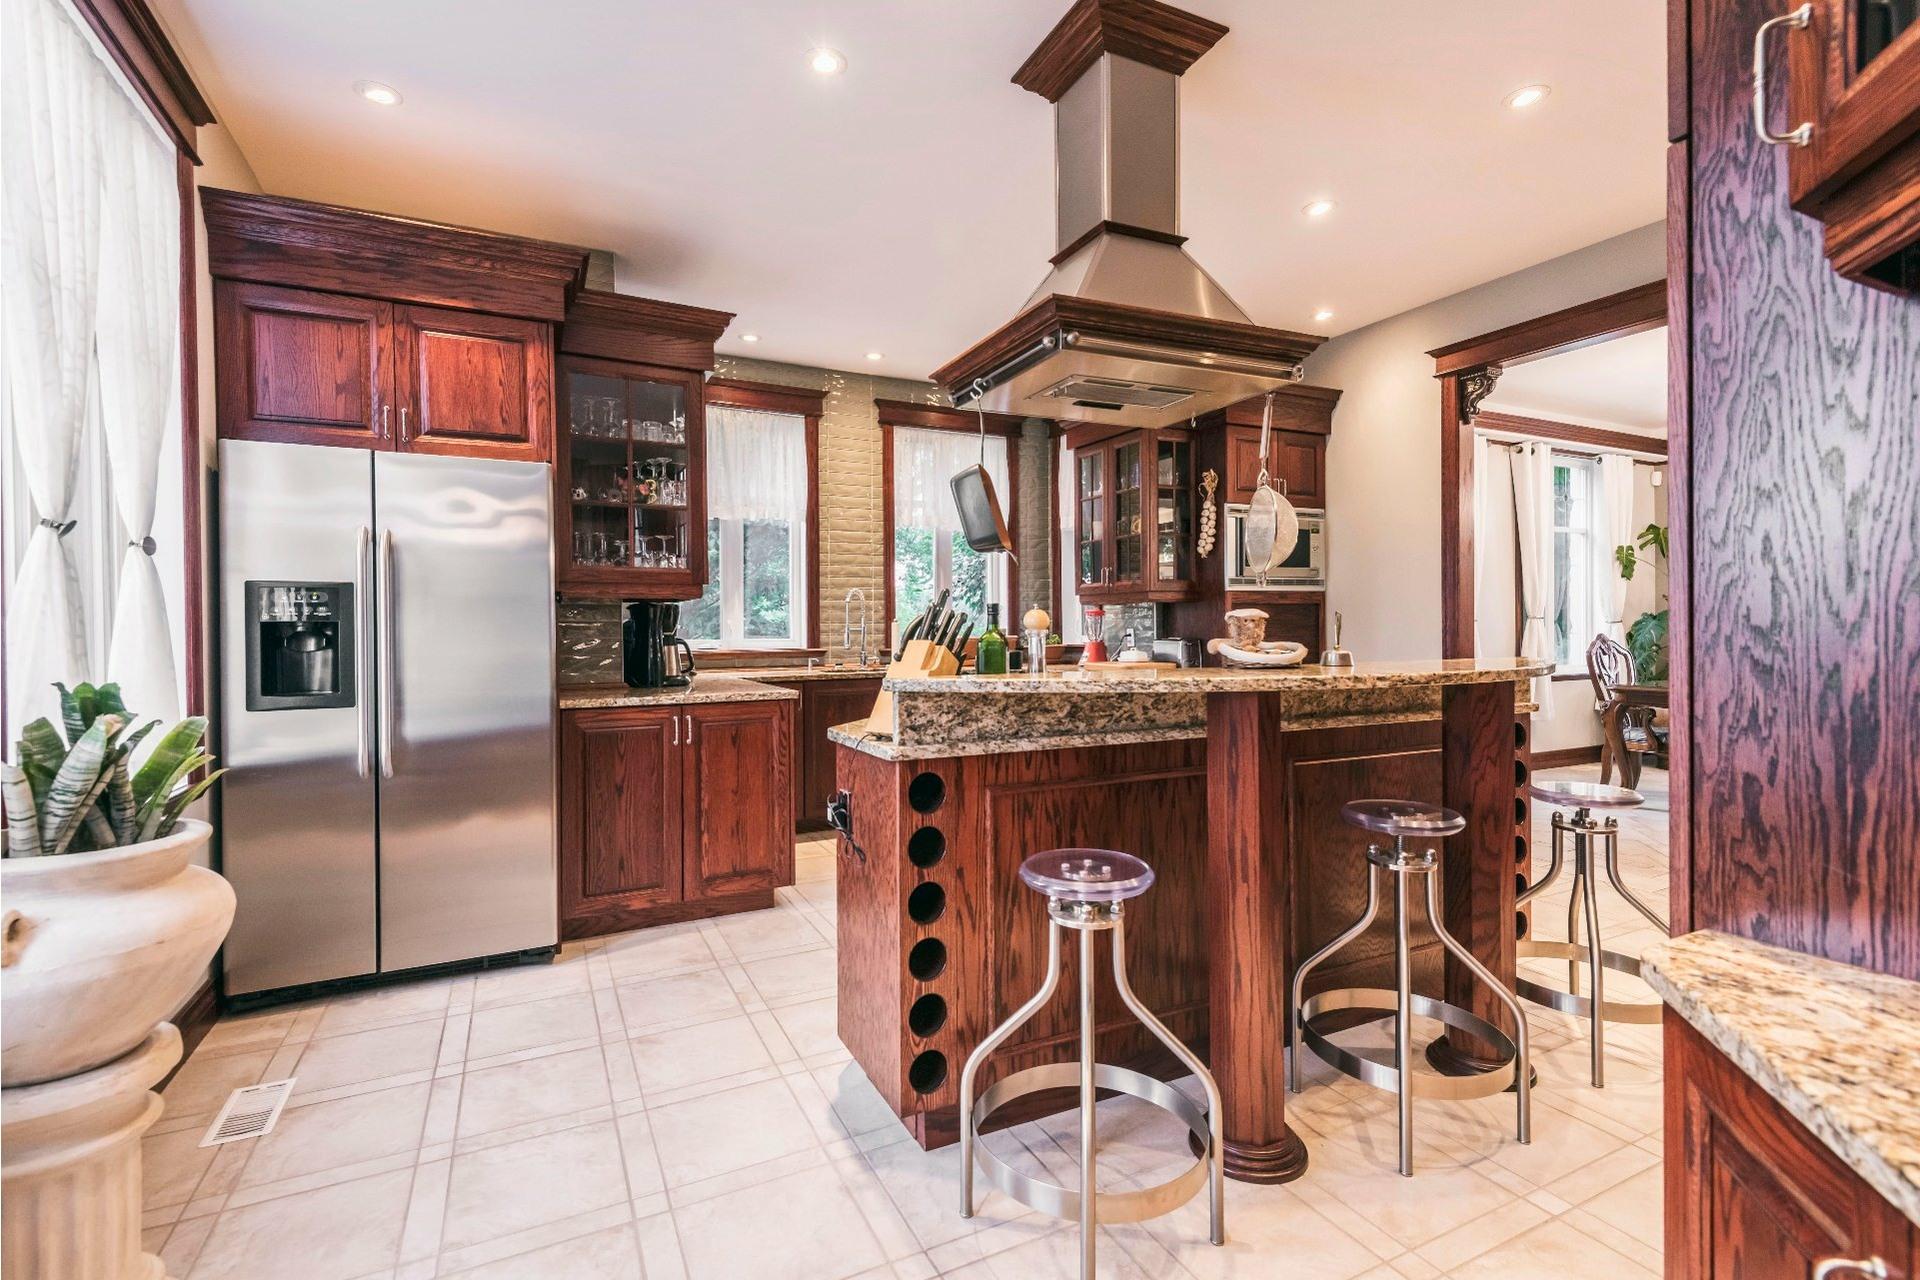 image 6 - Maison À vendre Salaberry-de-Valleyfield - 13 pièces